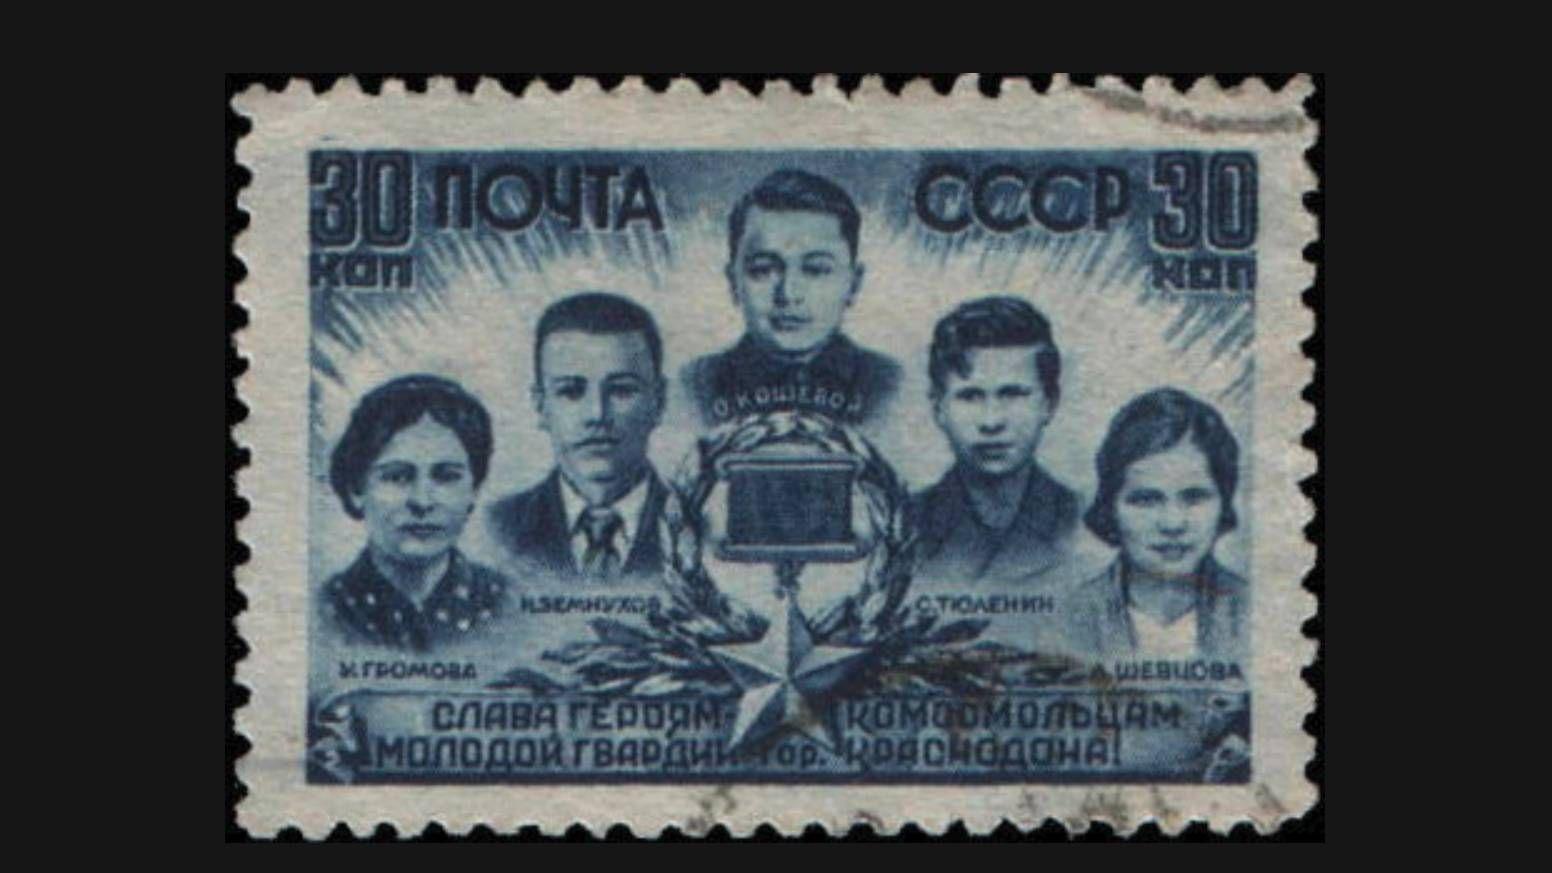 Почтовая марка СССР, 1944 год: «Слава Героям-комсомольцам Молодой гвардии города Краснодона!»